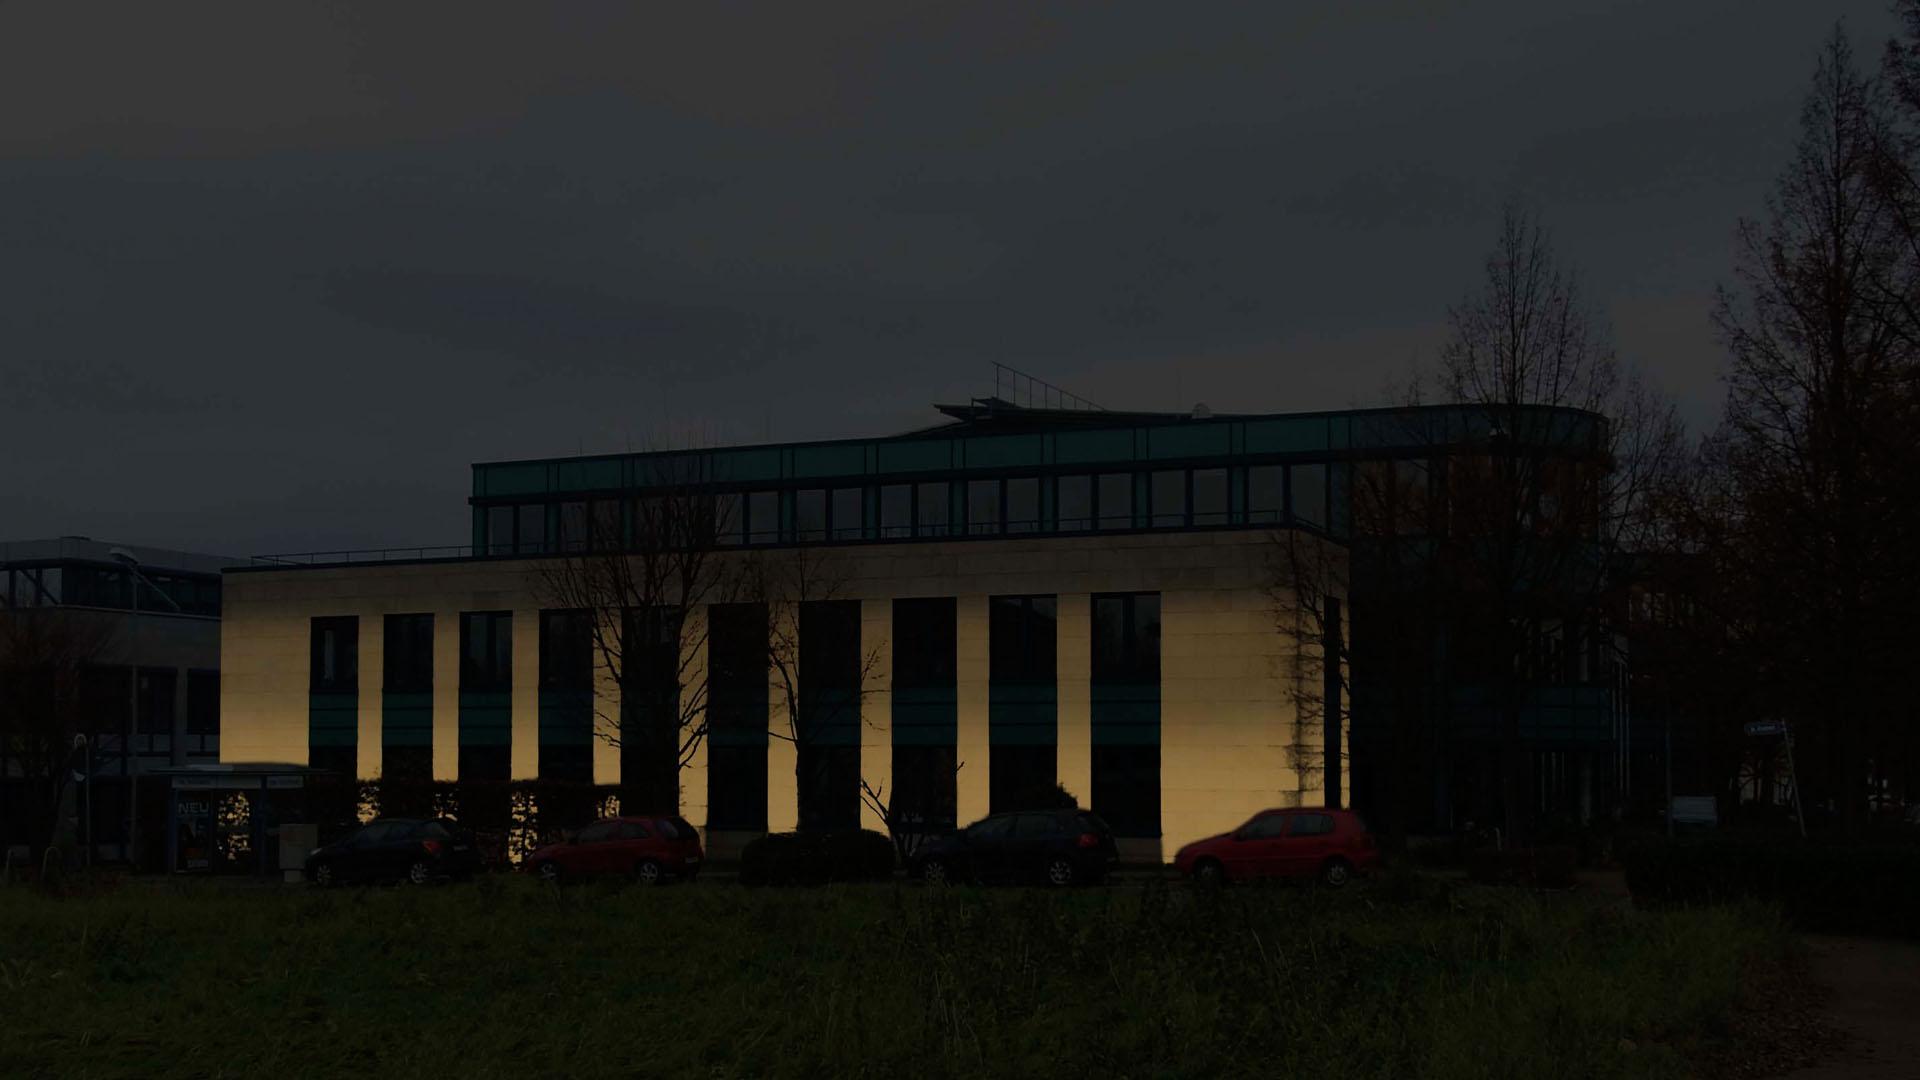 MAASS-Lichtplanung_Fassadenbeleuchtung Bürogebäude__MAASS-HP-002